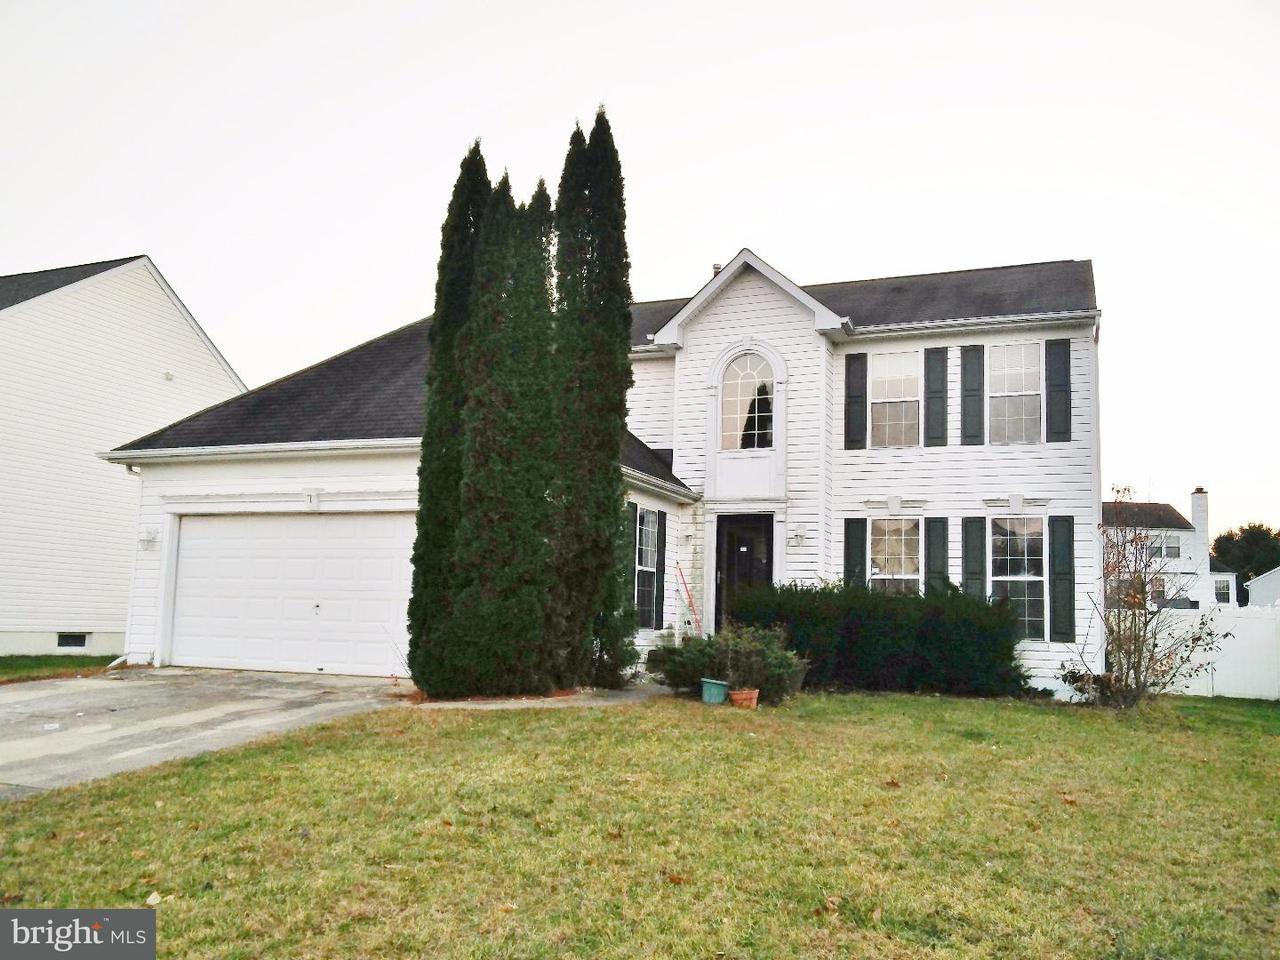 独户住宅 为 出租 在 7 SHERMAN Lane Winslow, 新泽西州 08081 美国